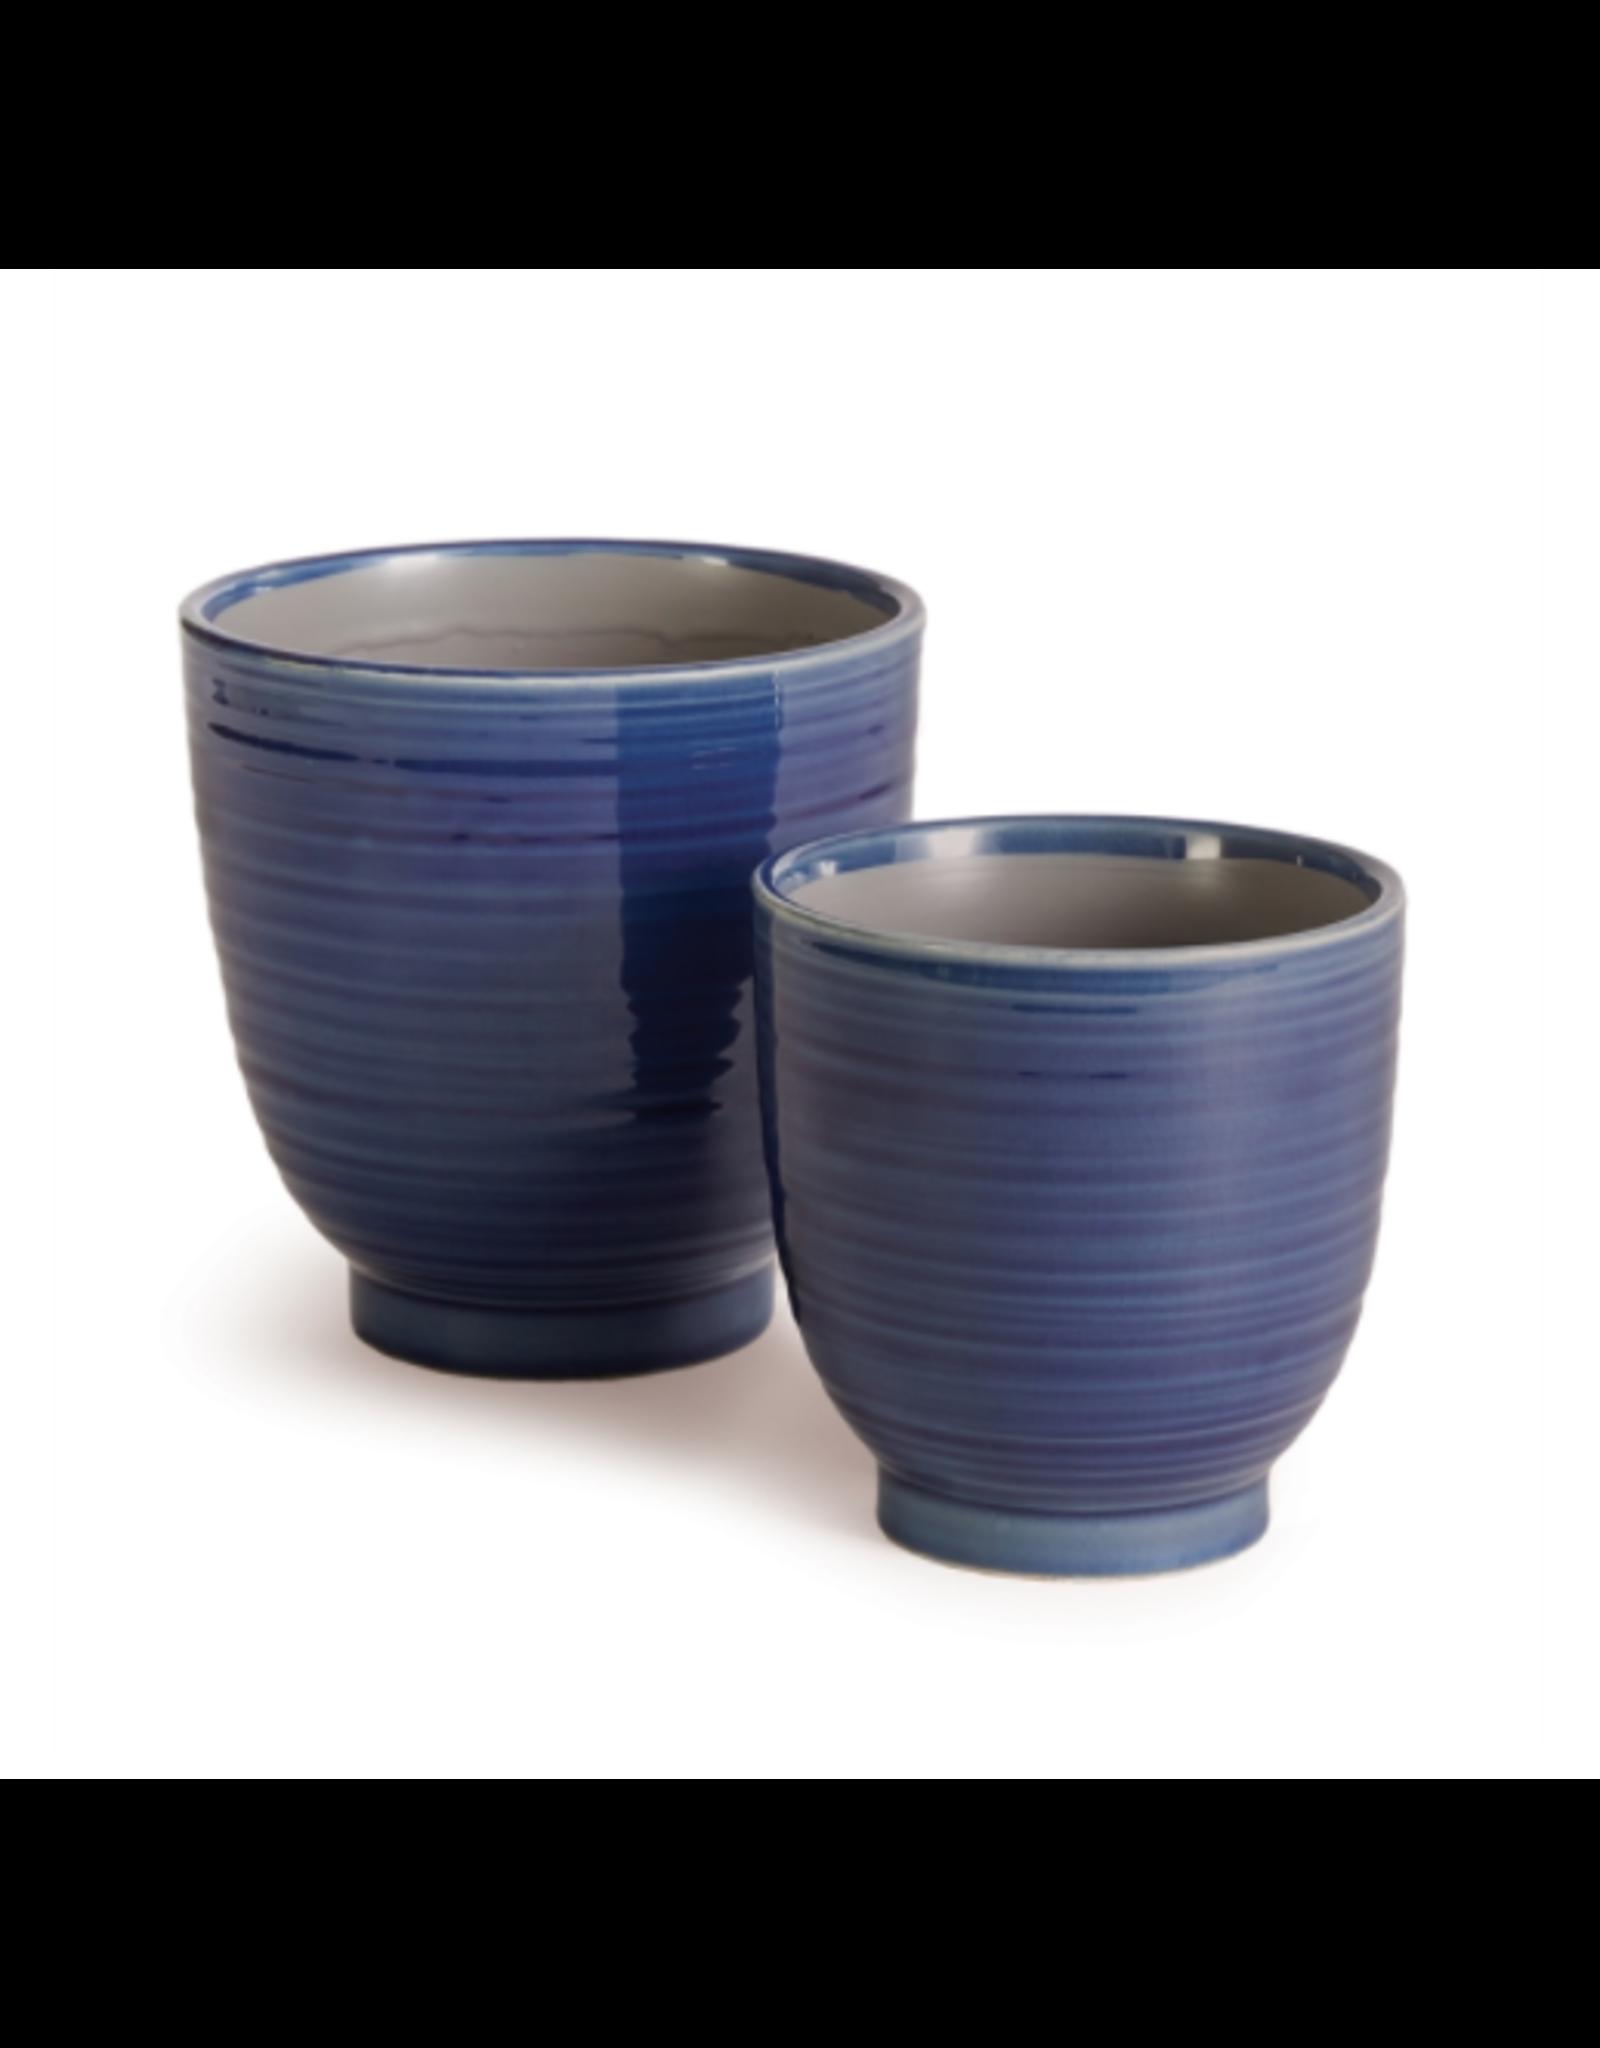 Napa Home & Garden Aubrey Pot in Blue 5.5 x 5.5 x 5.5